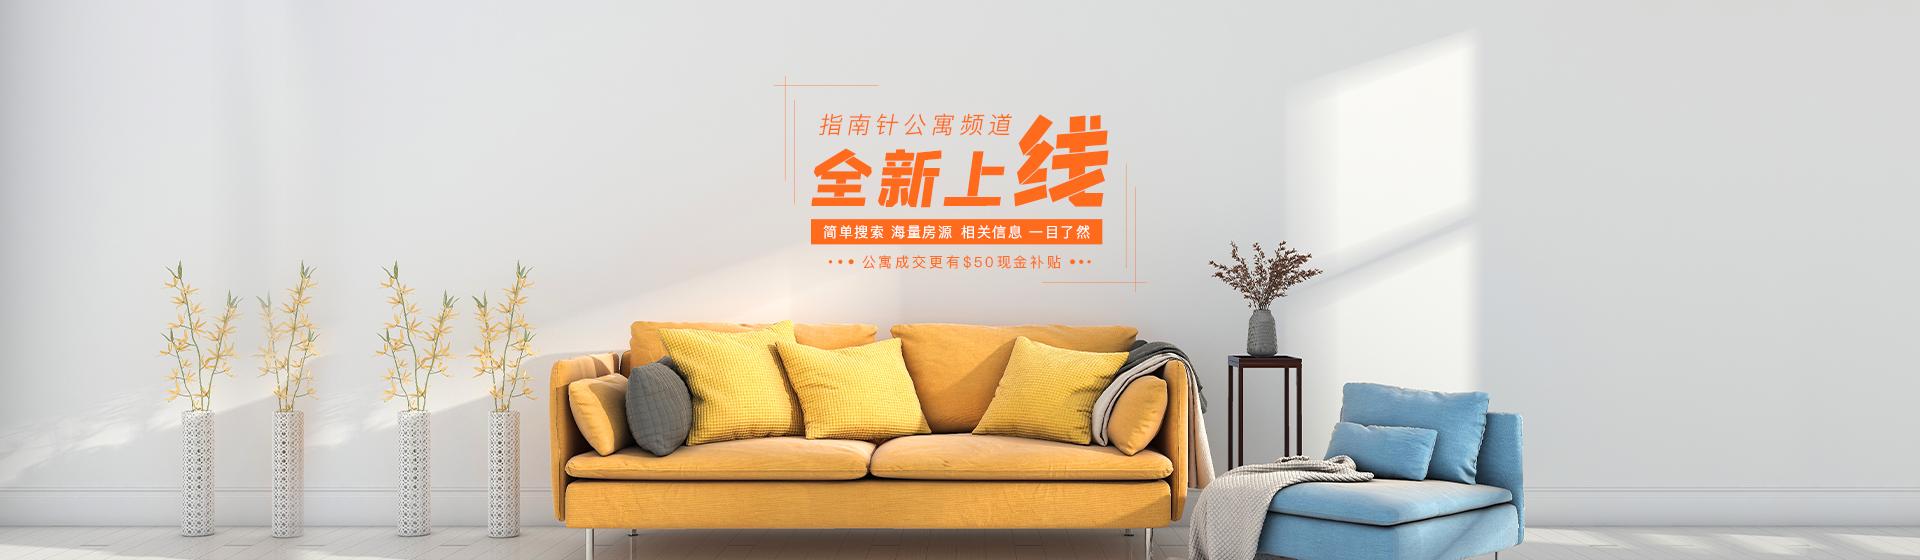 公寓推广PC banner图中文